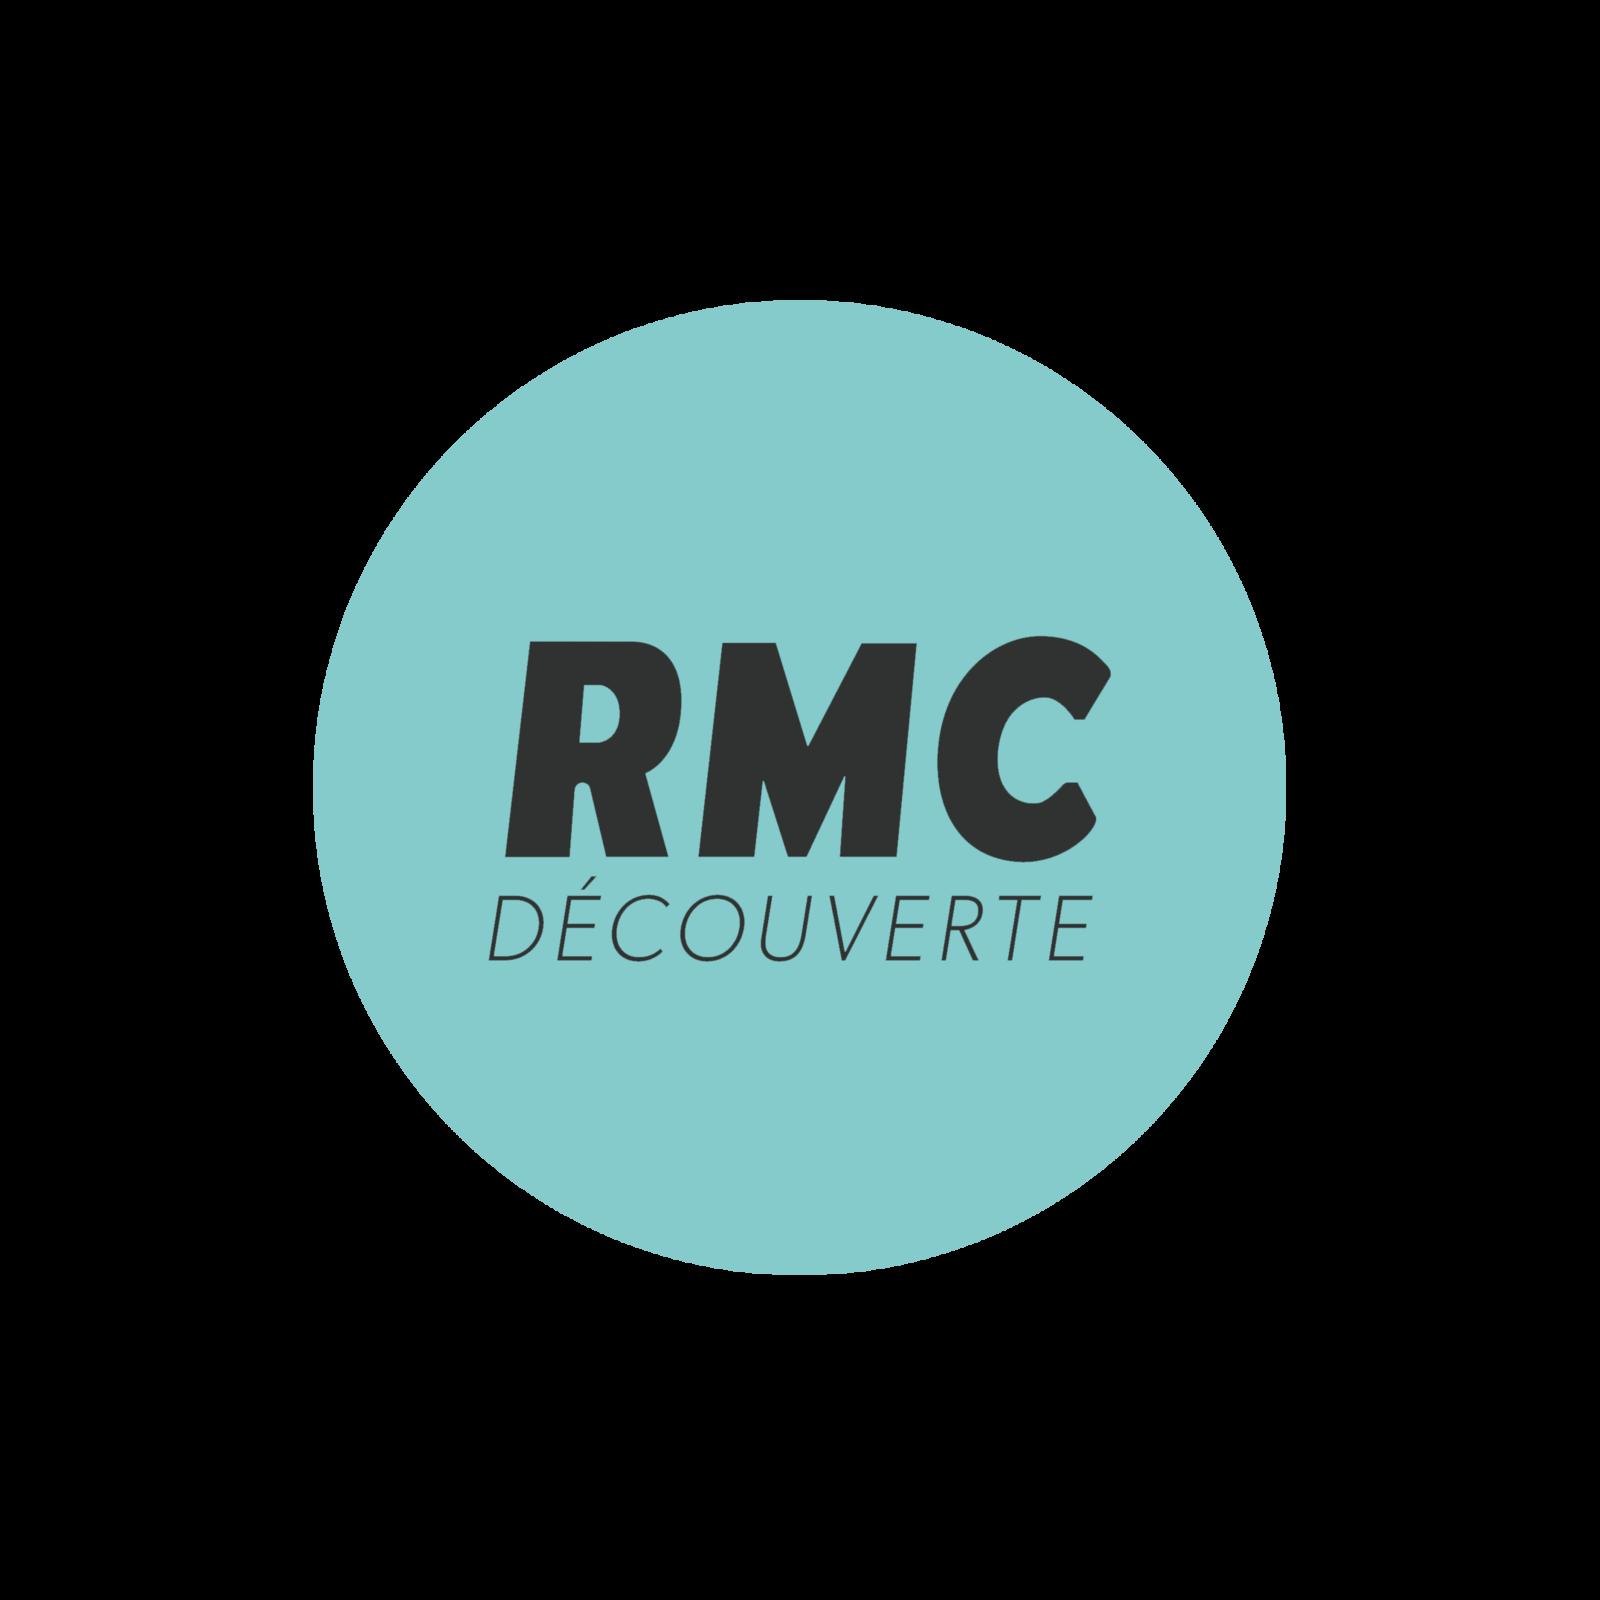 Les derniers secrets de Toutankhamon : document ce mardi sur RMC Découverte.